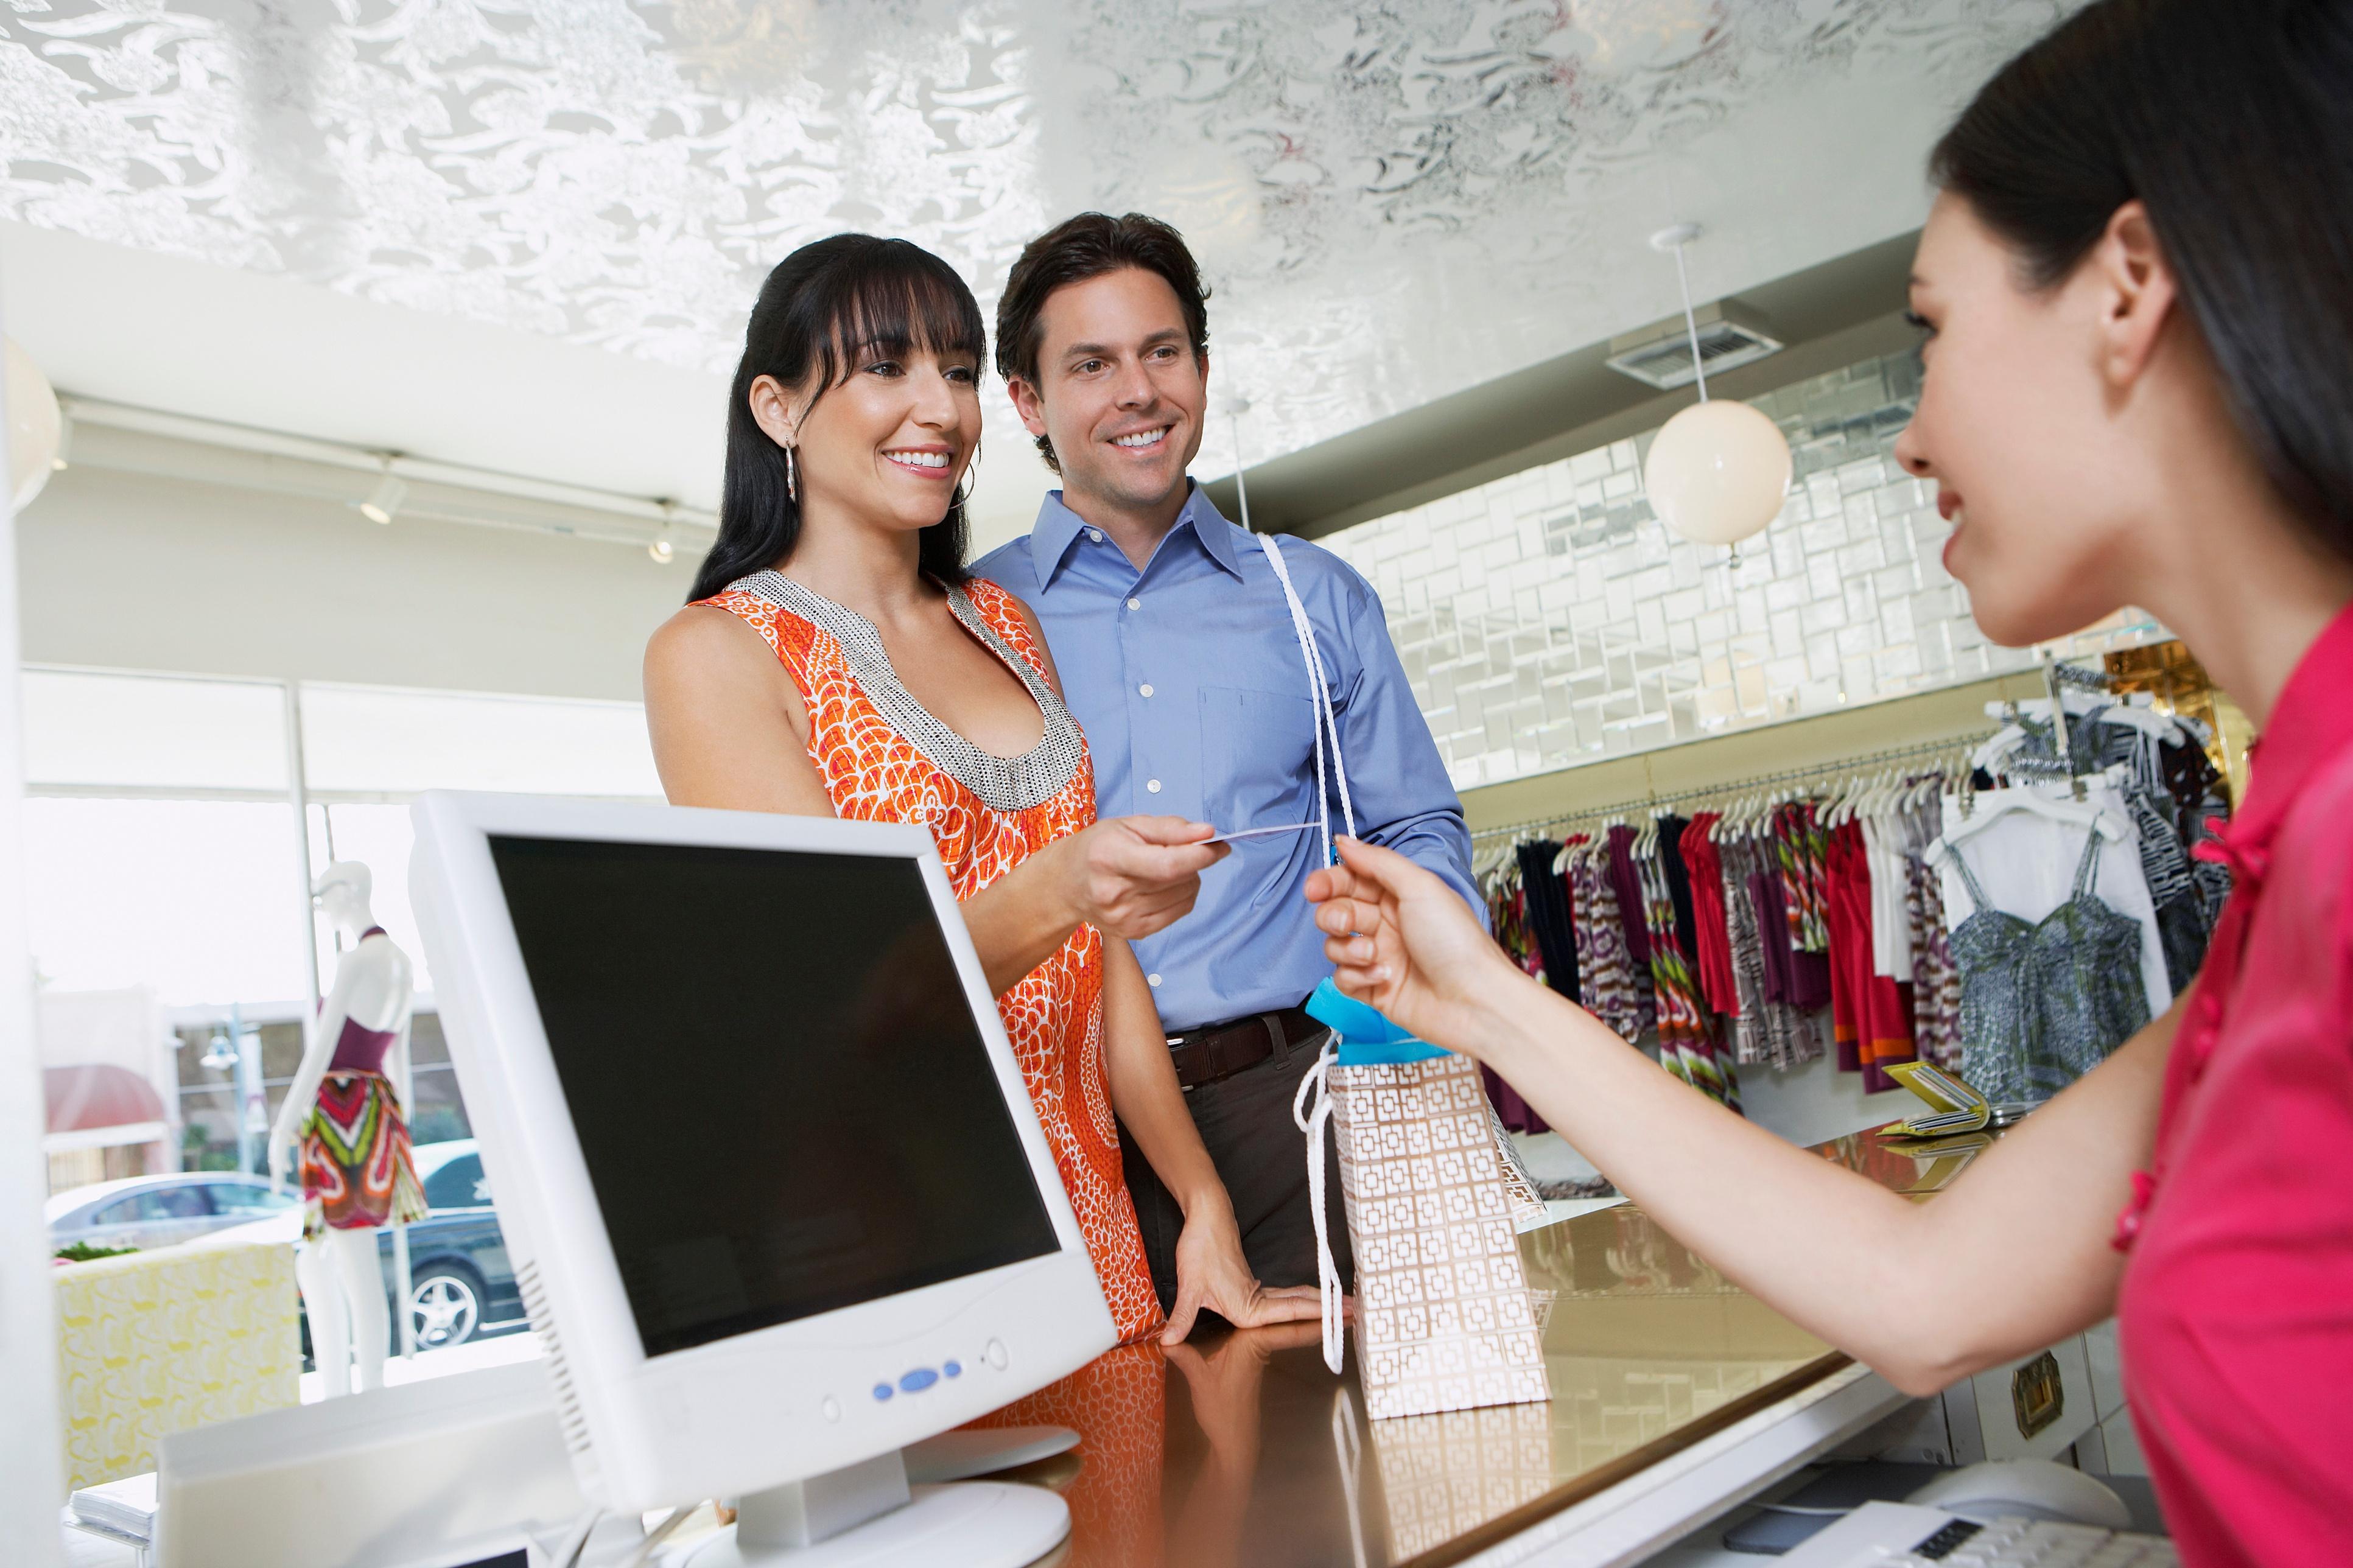 Guía gratuita de psicología para especialistas del marketing: 3 lecciones del comportamiento del comprador